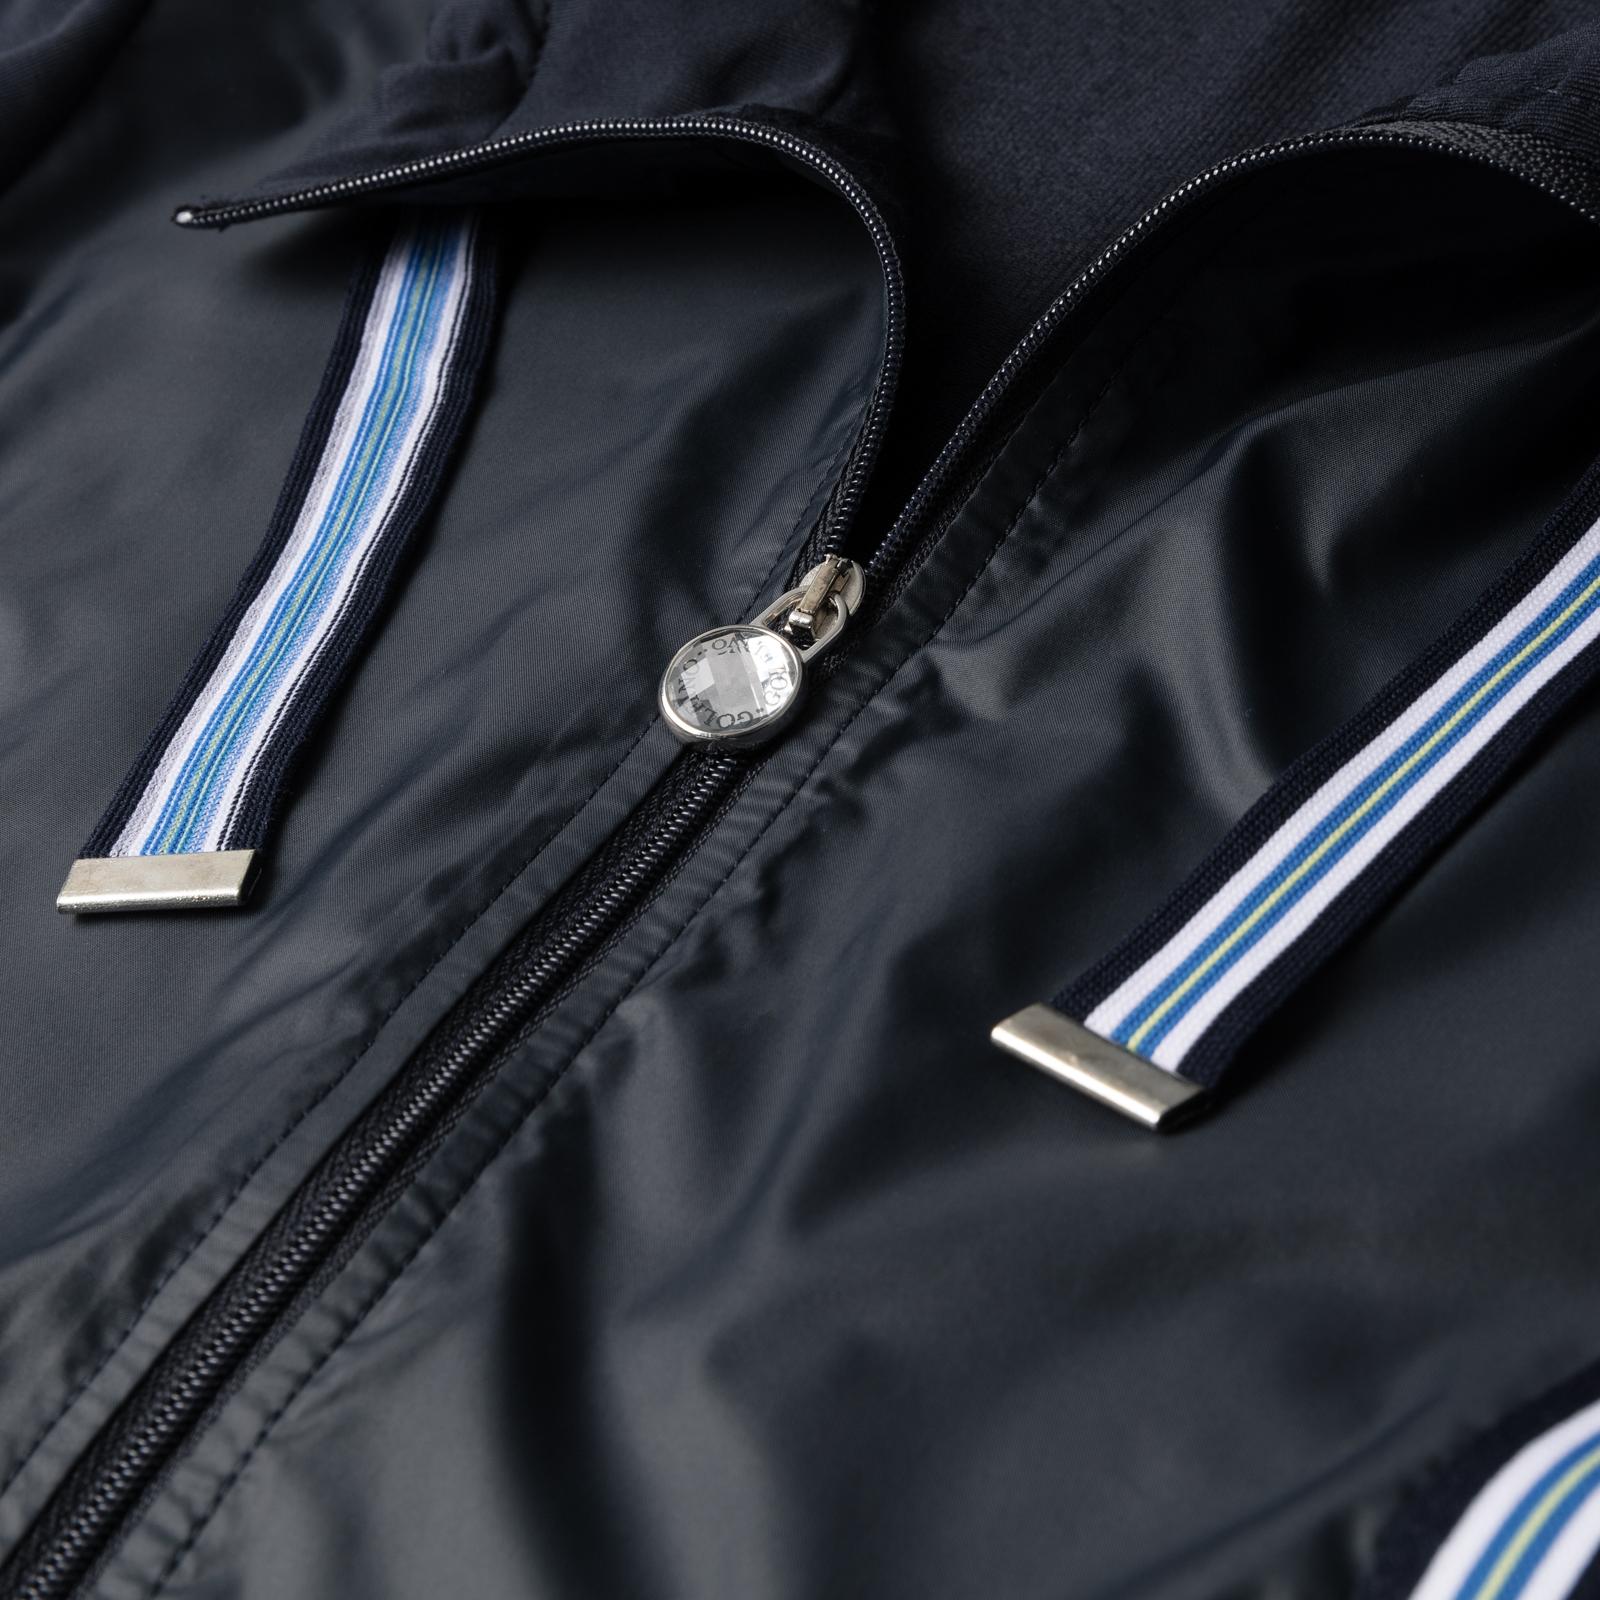 Damen Golfjacke mit Extra Stretch Komfort für professionelle Ansprüche